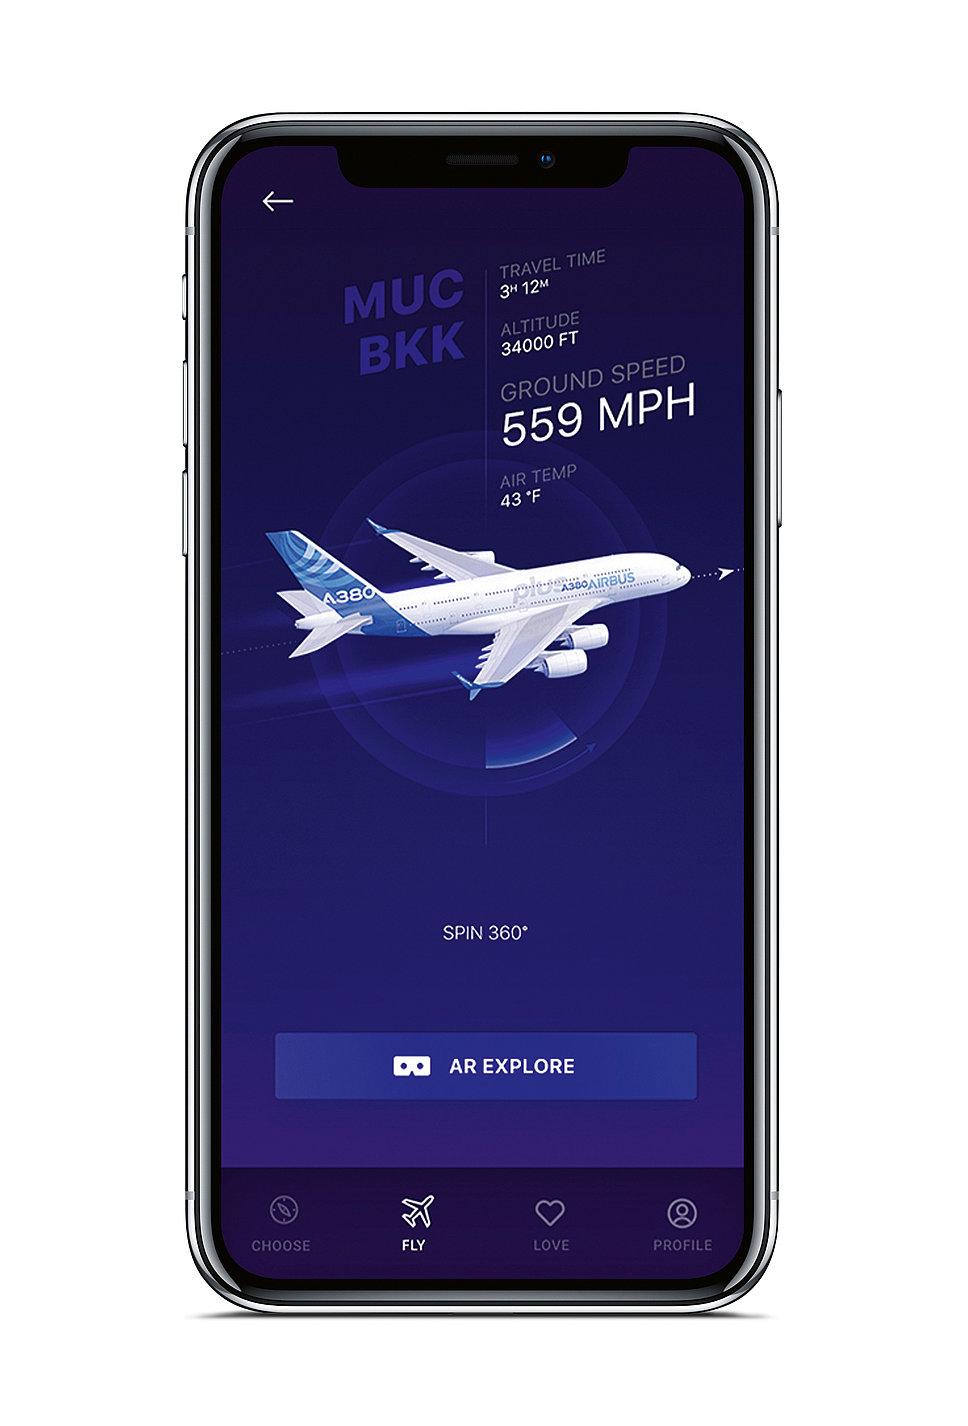 Airbus iflyA380 | Red Dot Design Award